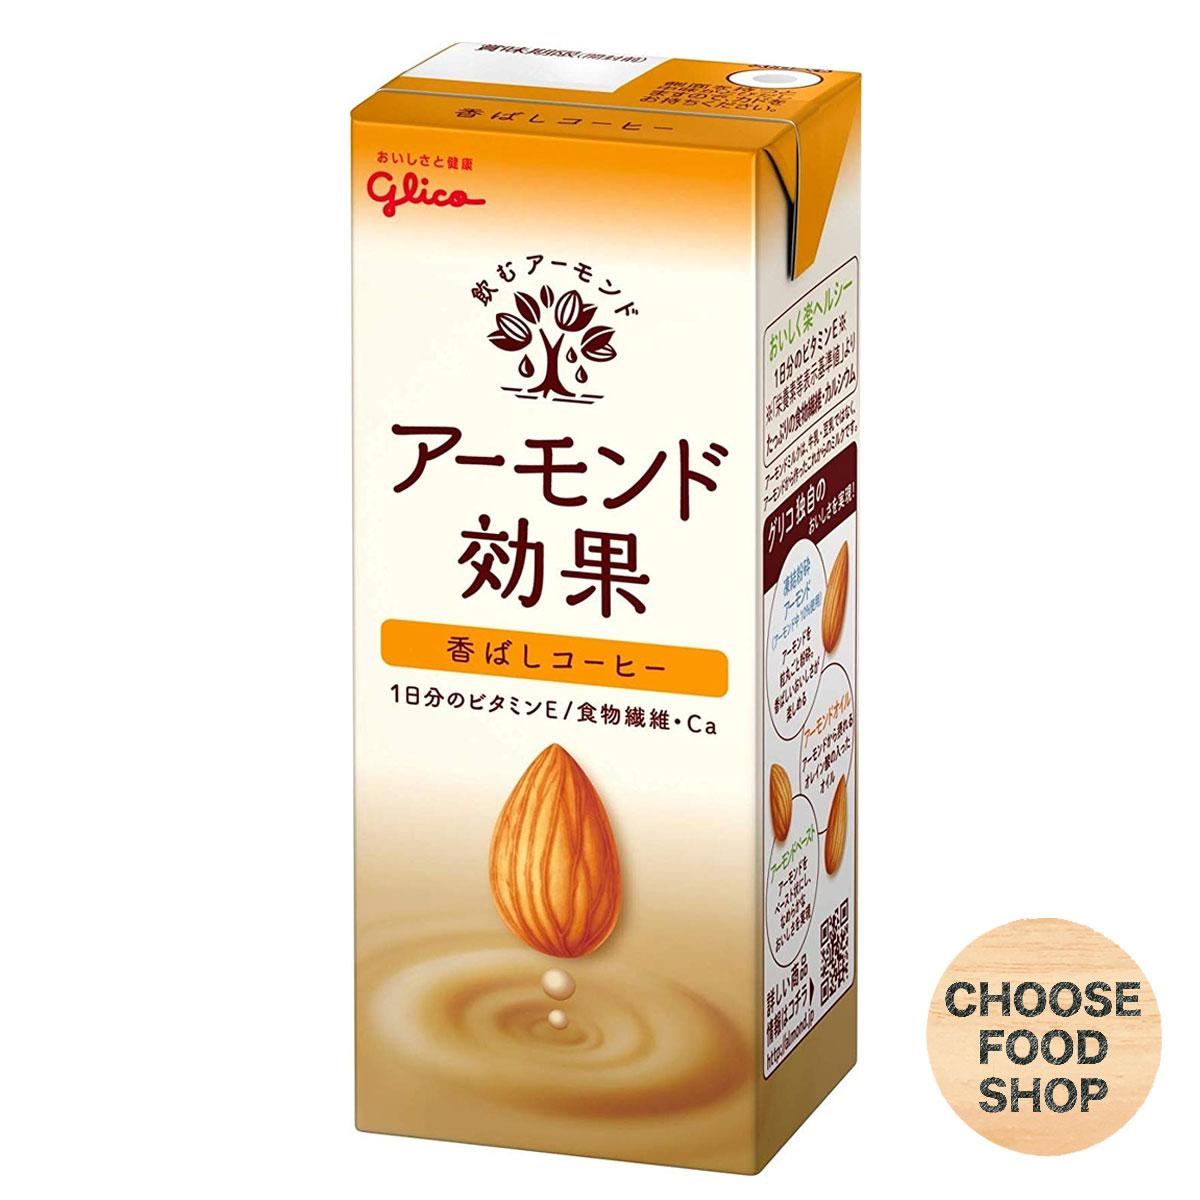 バースデー 記念日 ギフト 贈物 お勧め 通販 3980円以上で送料無料 北海道のお届けはキャンセル致します 江崎グリコ アーモンド効果 12本入 お気に入り 200ml紙パック 香ばしコーヒー